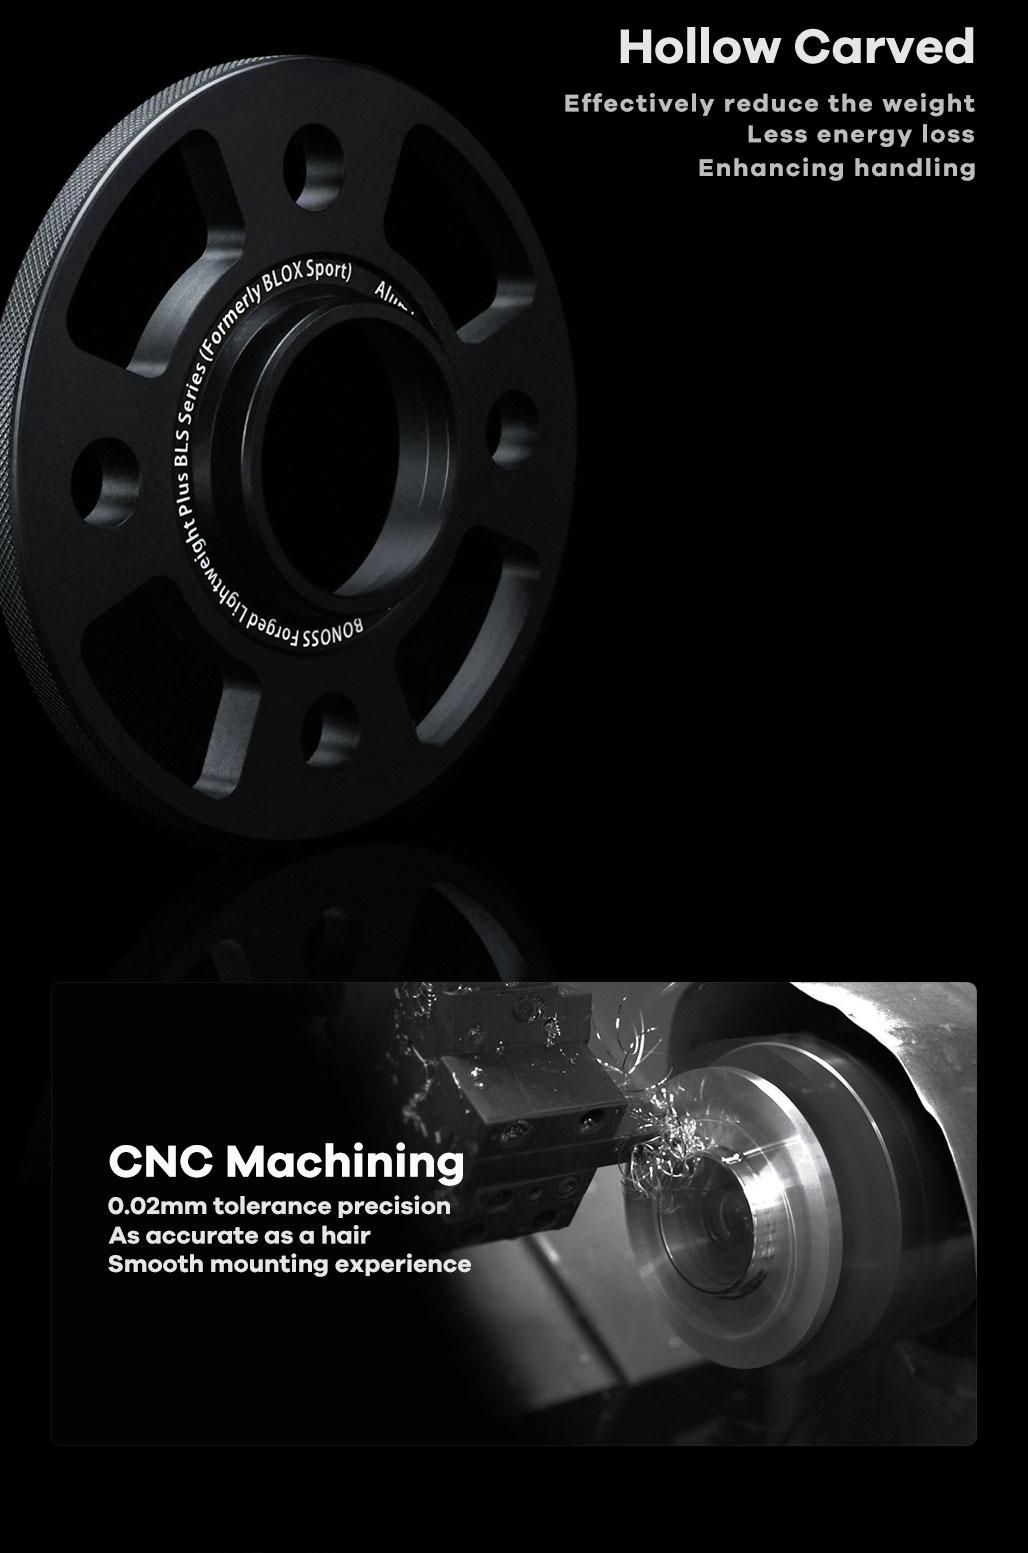 BONOSS-forged-lightweight-plus-wheel-spacer-Opel-agila-a-4x100-54.1-M12x1.25-6061T6-by-grace-2